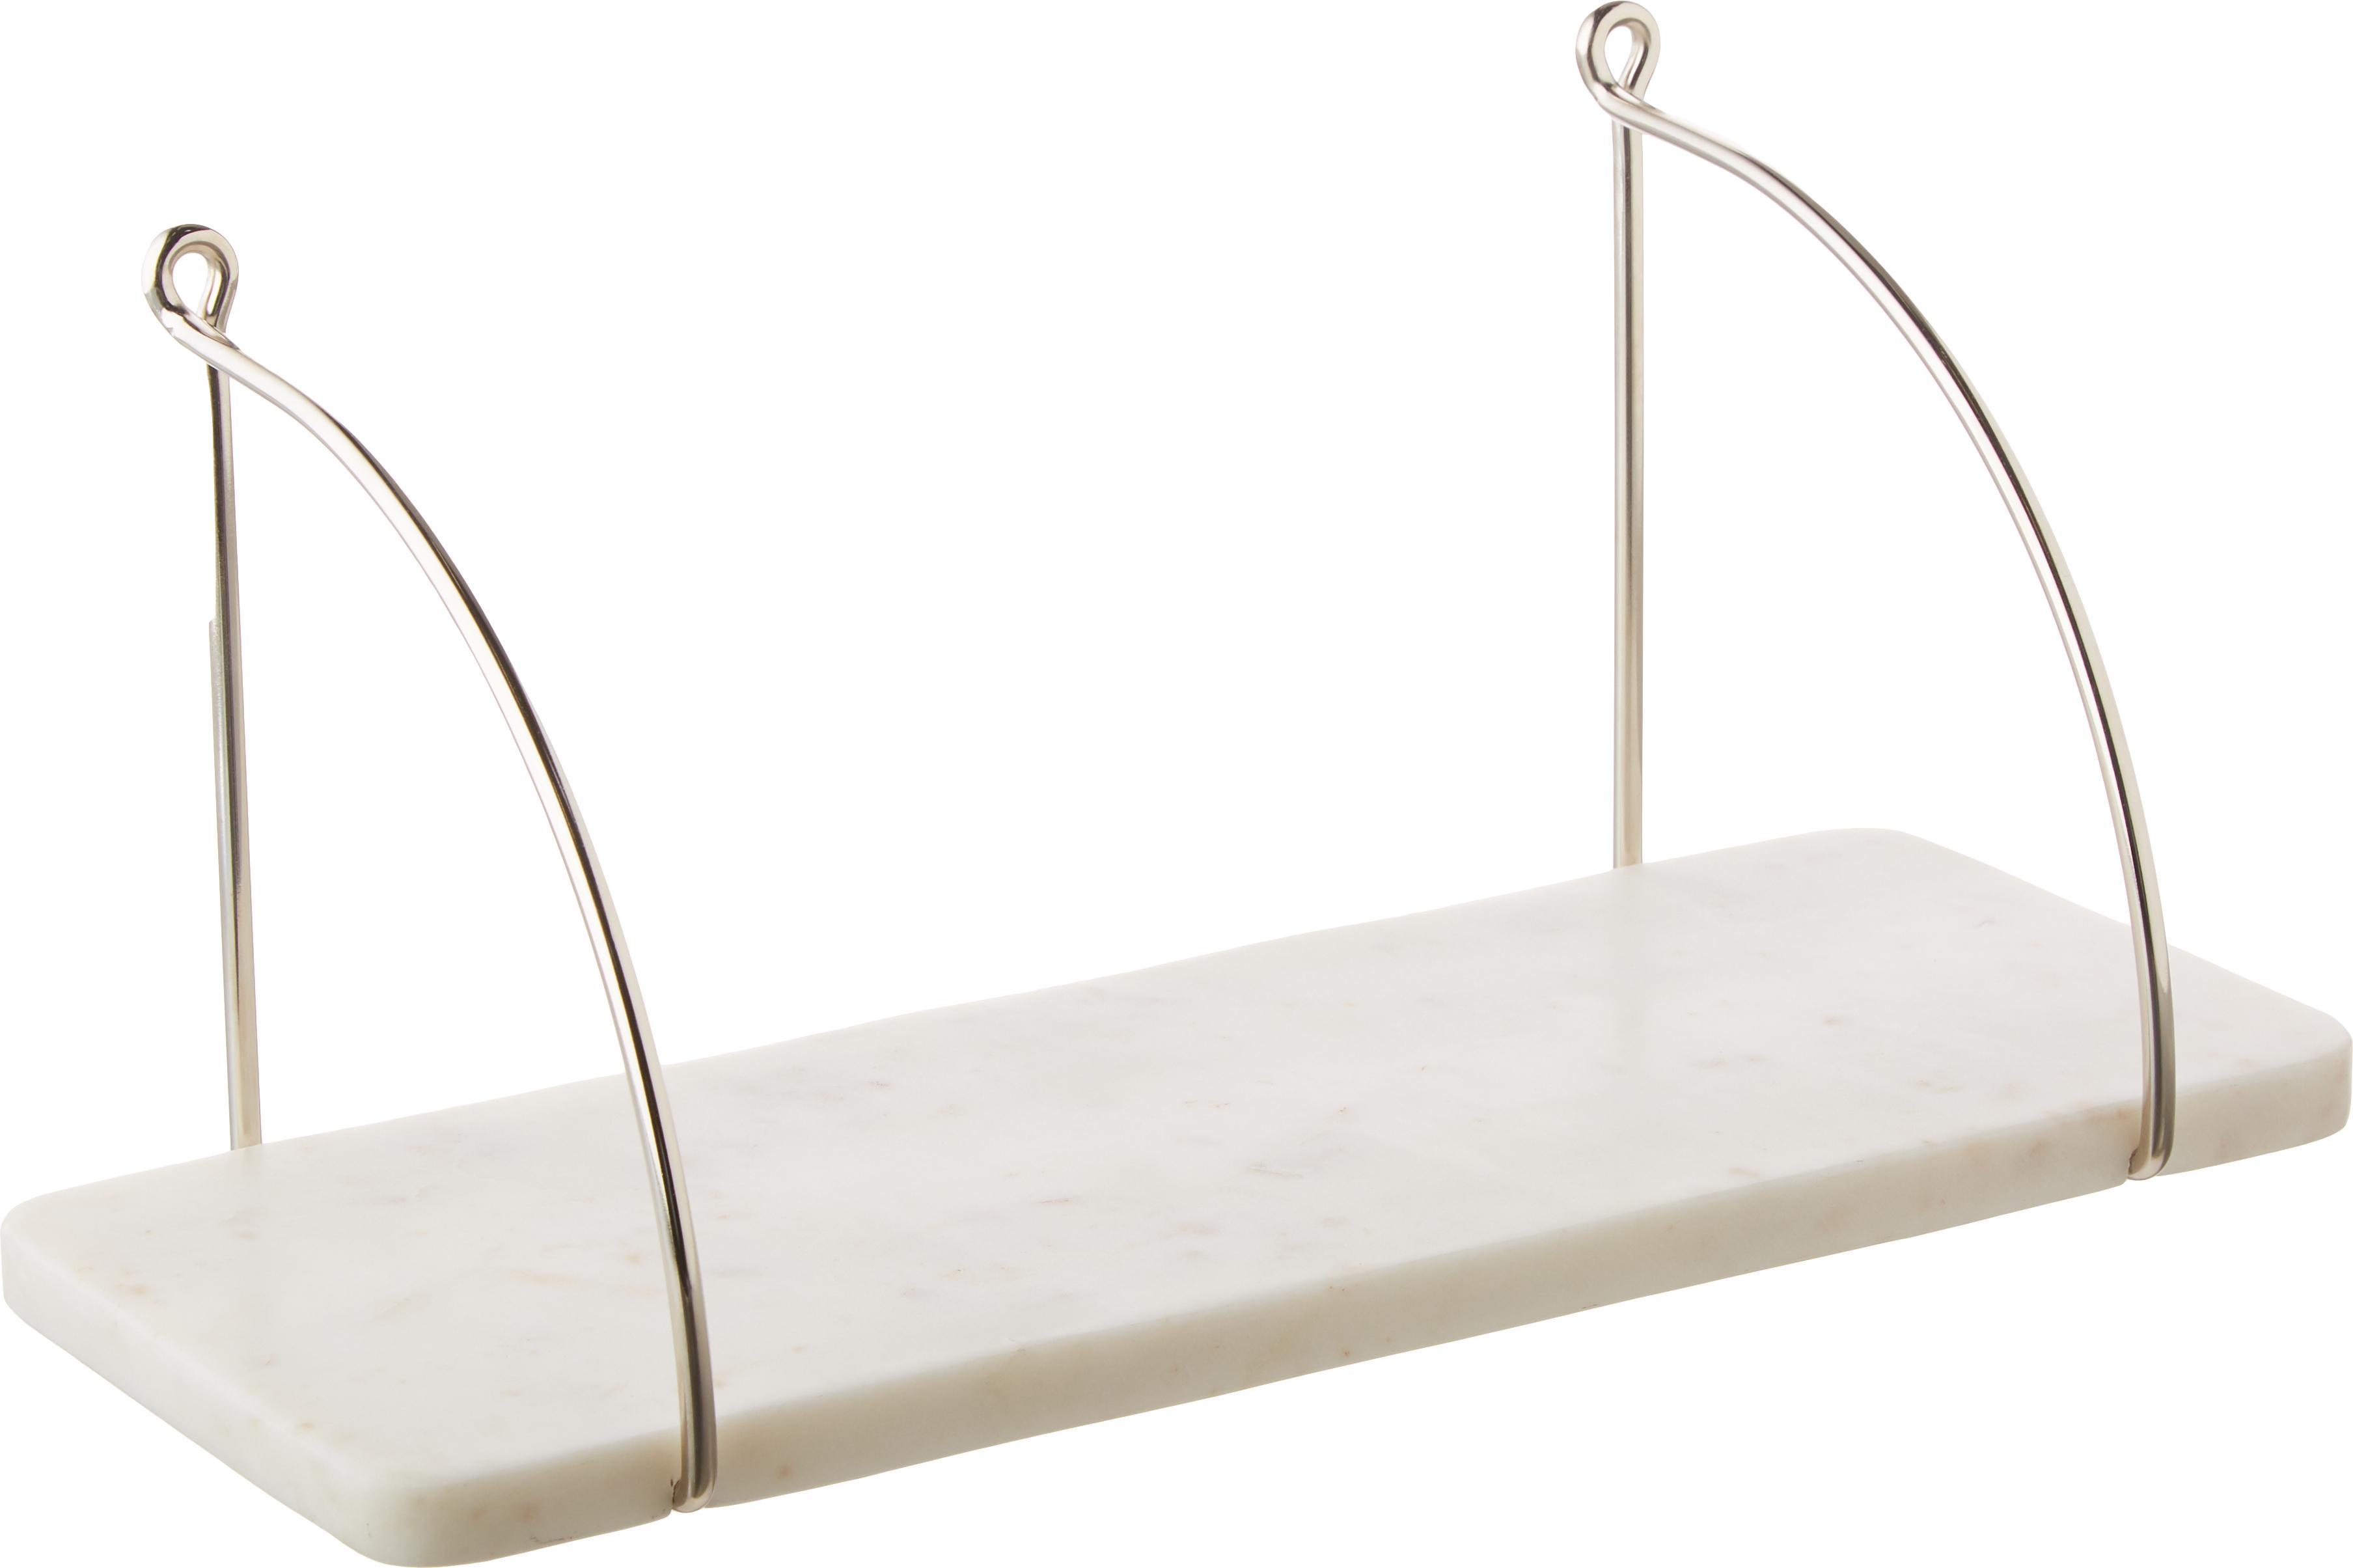 Półka ścienna z marmuru Porter, Mocowanie ścienne: stal szlachetna  Regał: biały, marmurowy, S 40 x W 18 cm